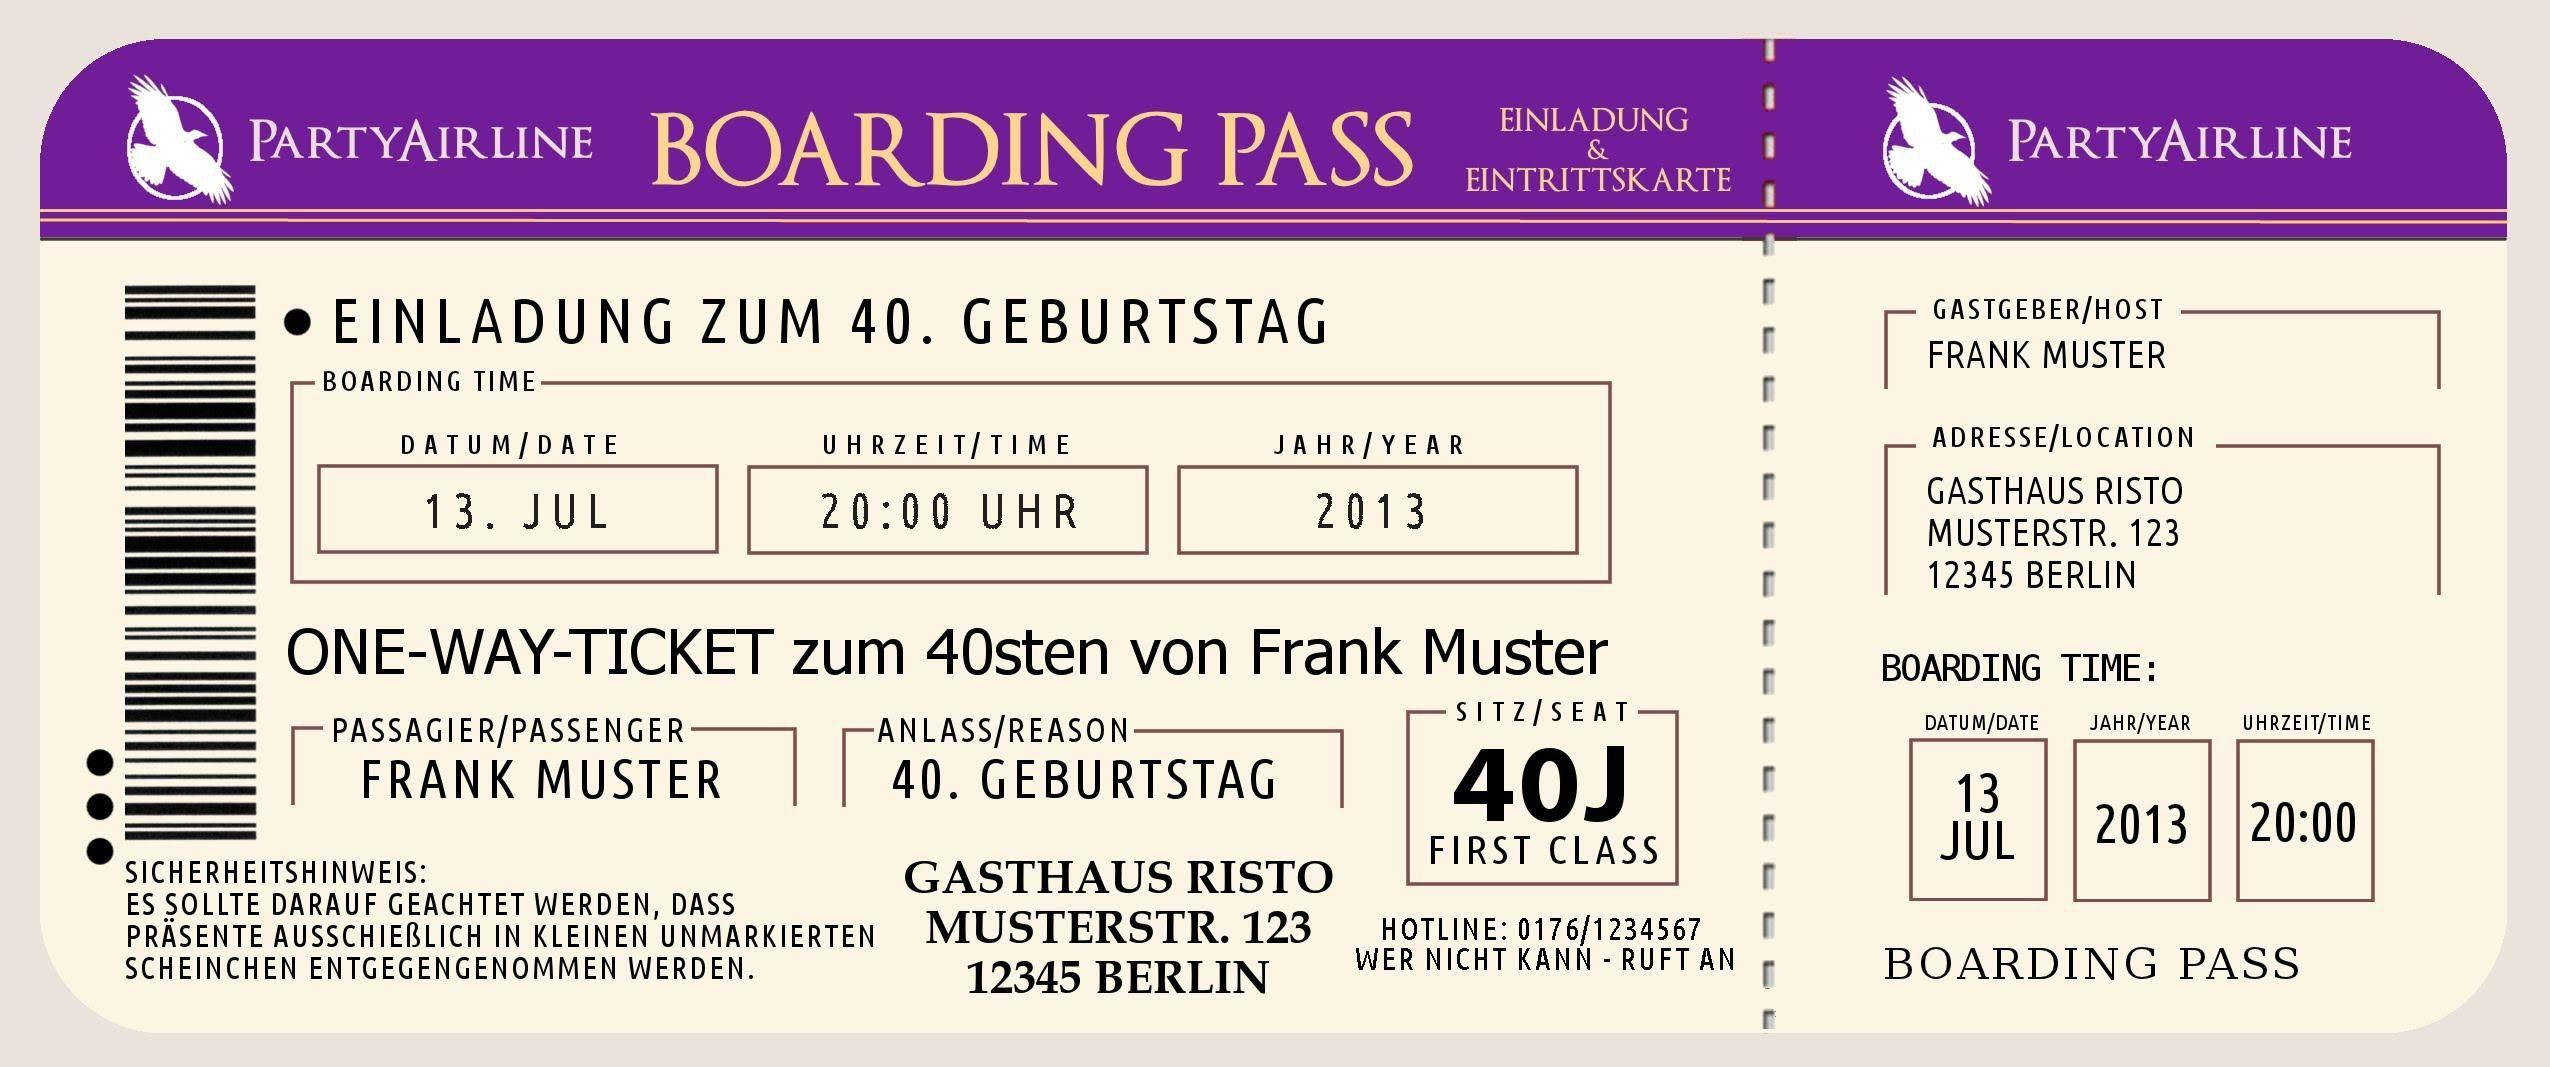 einladungskarten selber gestalten : einladungskarten selber, Einladung